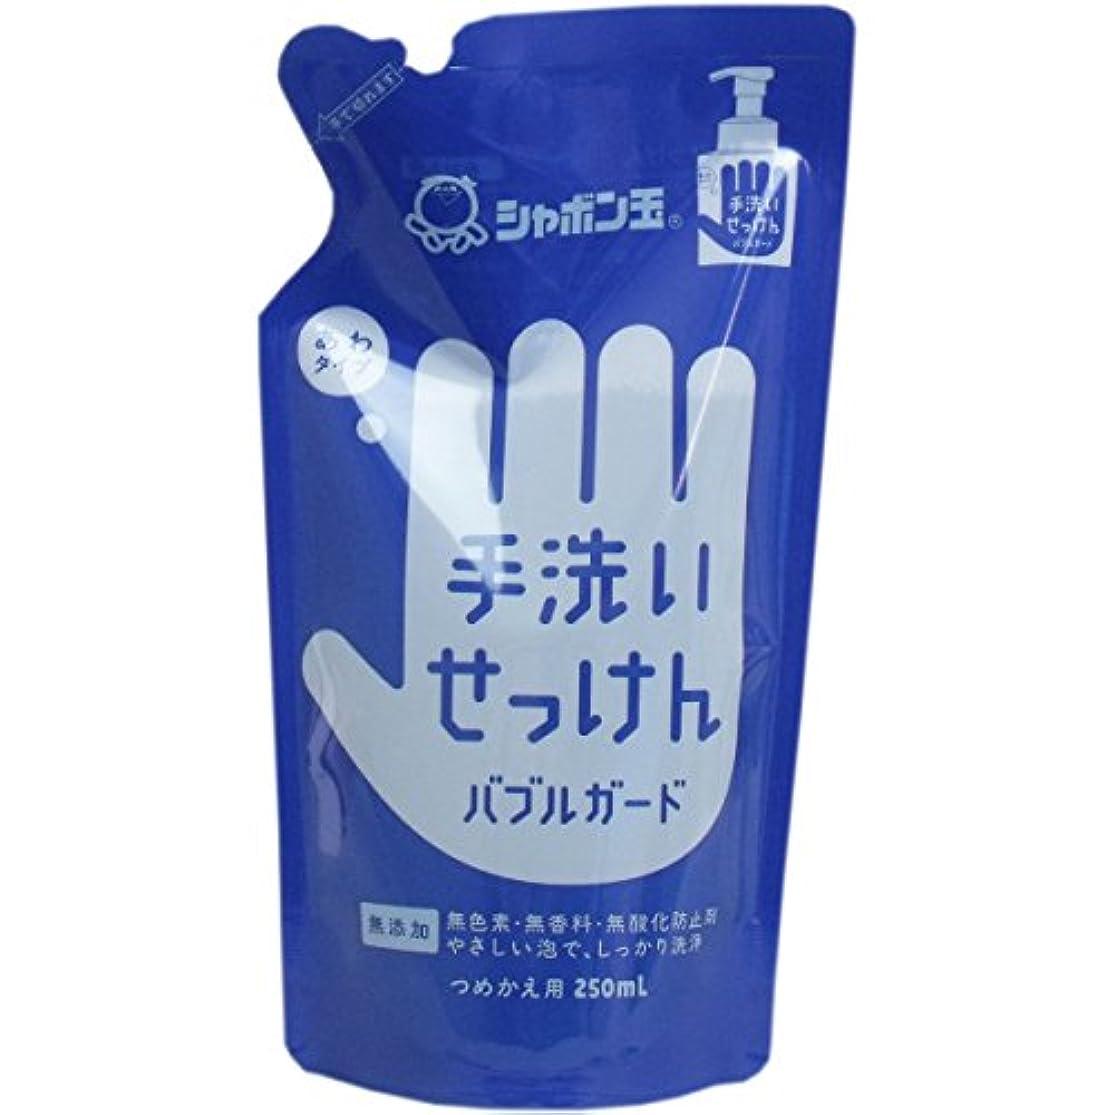 サーフィン乱れ実現可能性[シャボン玉石けん 1602809] (ケア商品)手洗いせっけん バブルガード 泡タイプ つめかえ用 250ml